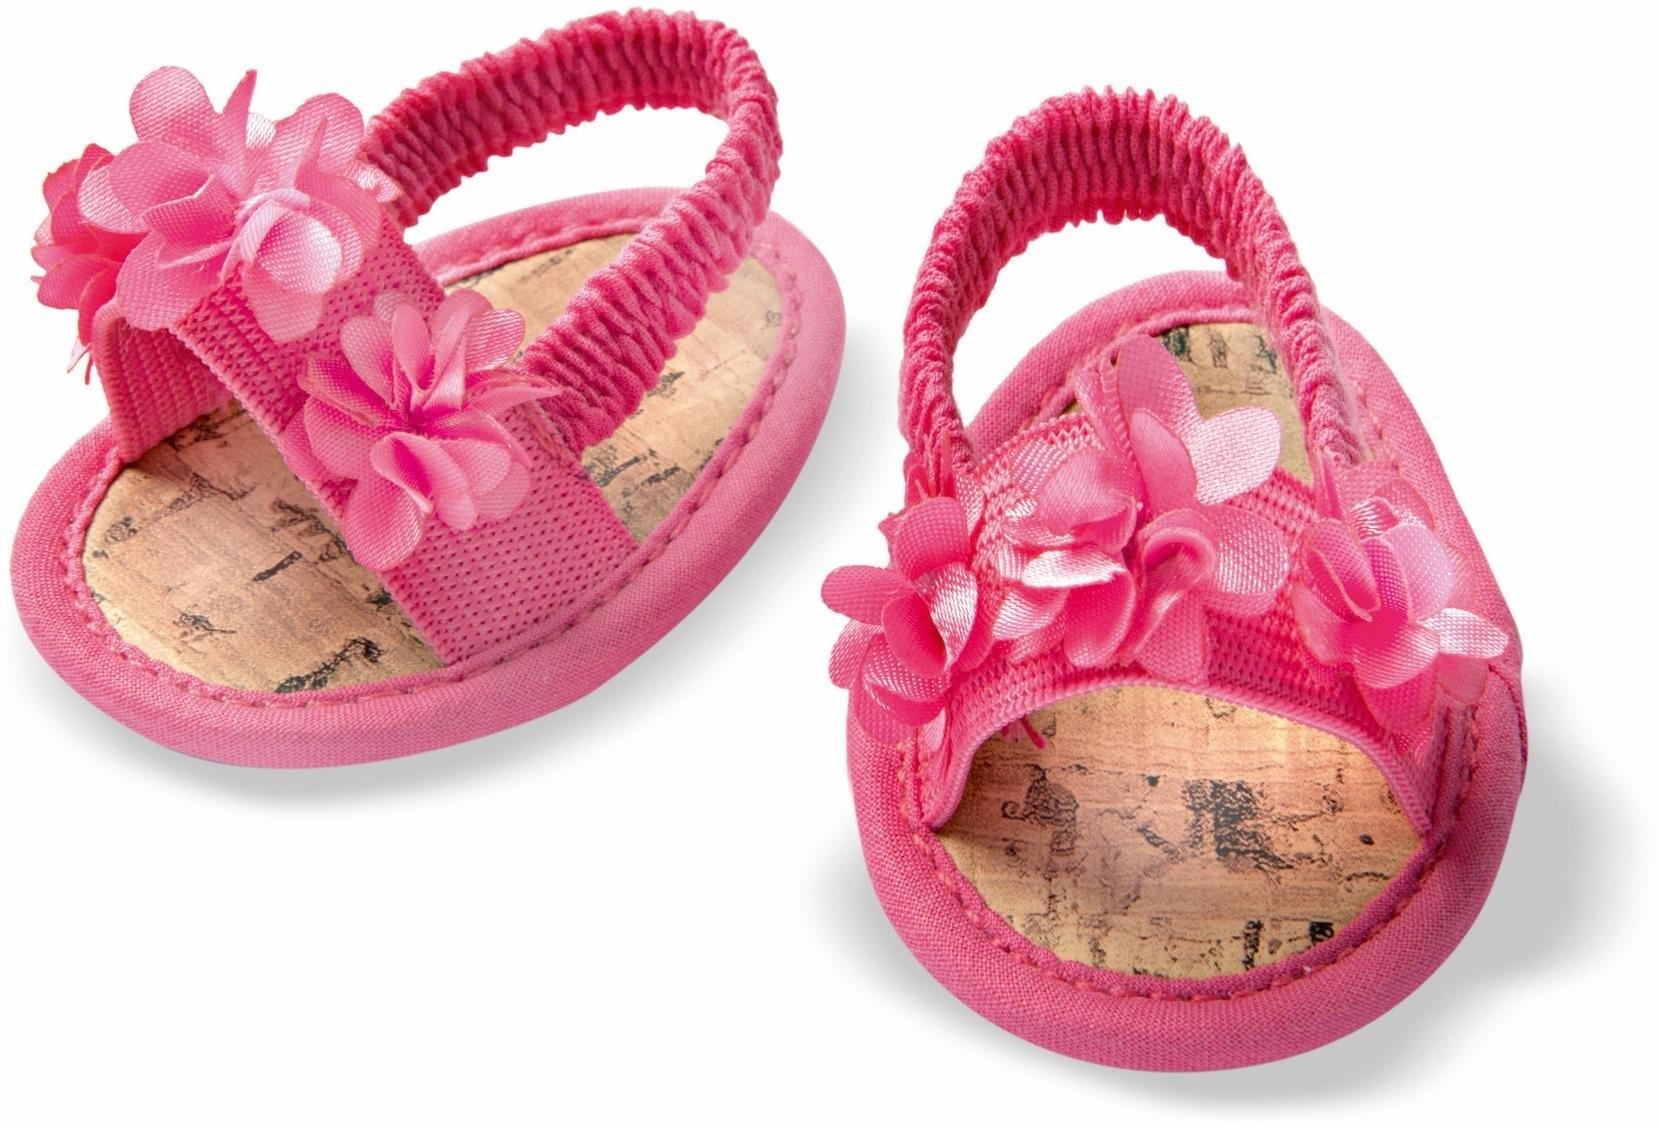 Heless ® poppenkleding, »Bloemen-sandalen, mt. 38-45 cm« veilig op otto.nl kopen